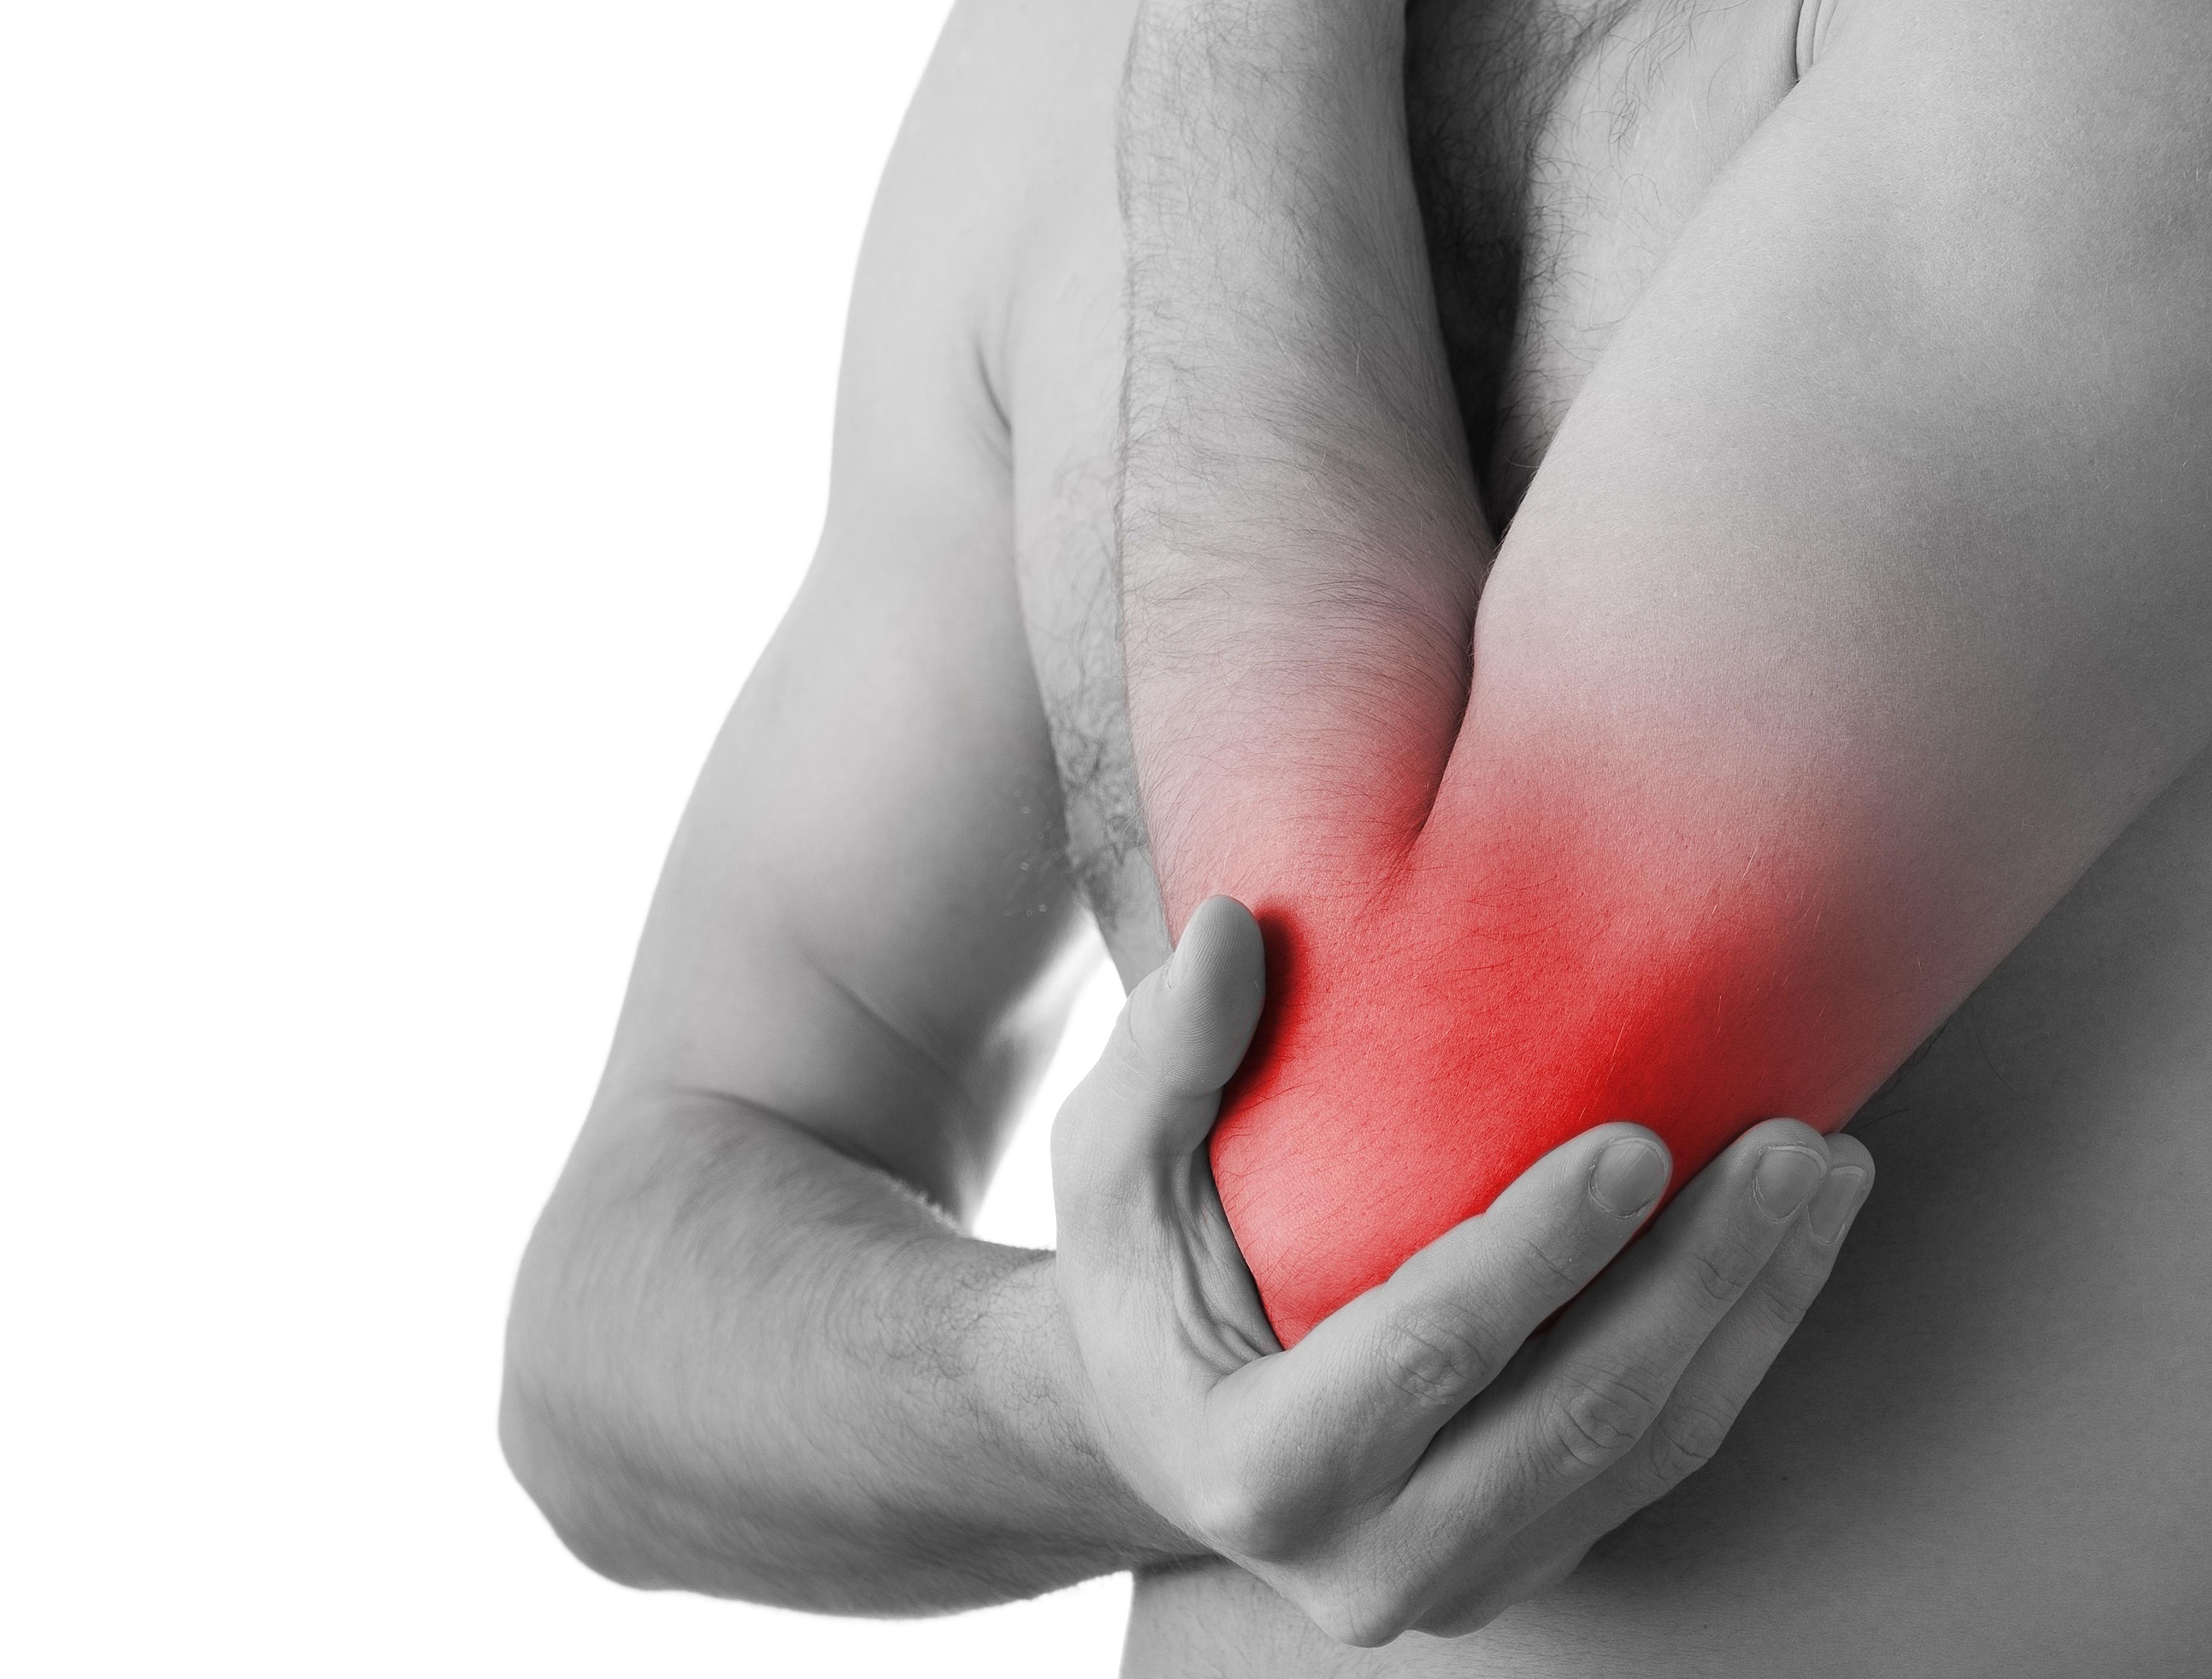 miért fáj az ízületek, mit kell csinálni, mindenkit figyelni zsibbadt az ízületi fájdalomtól